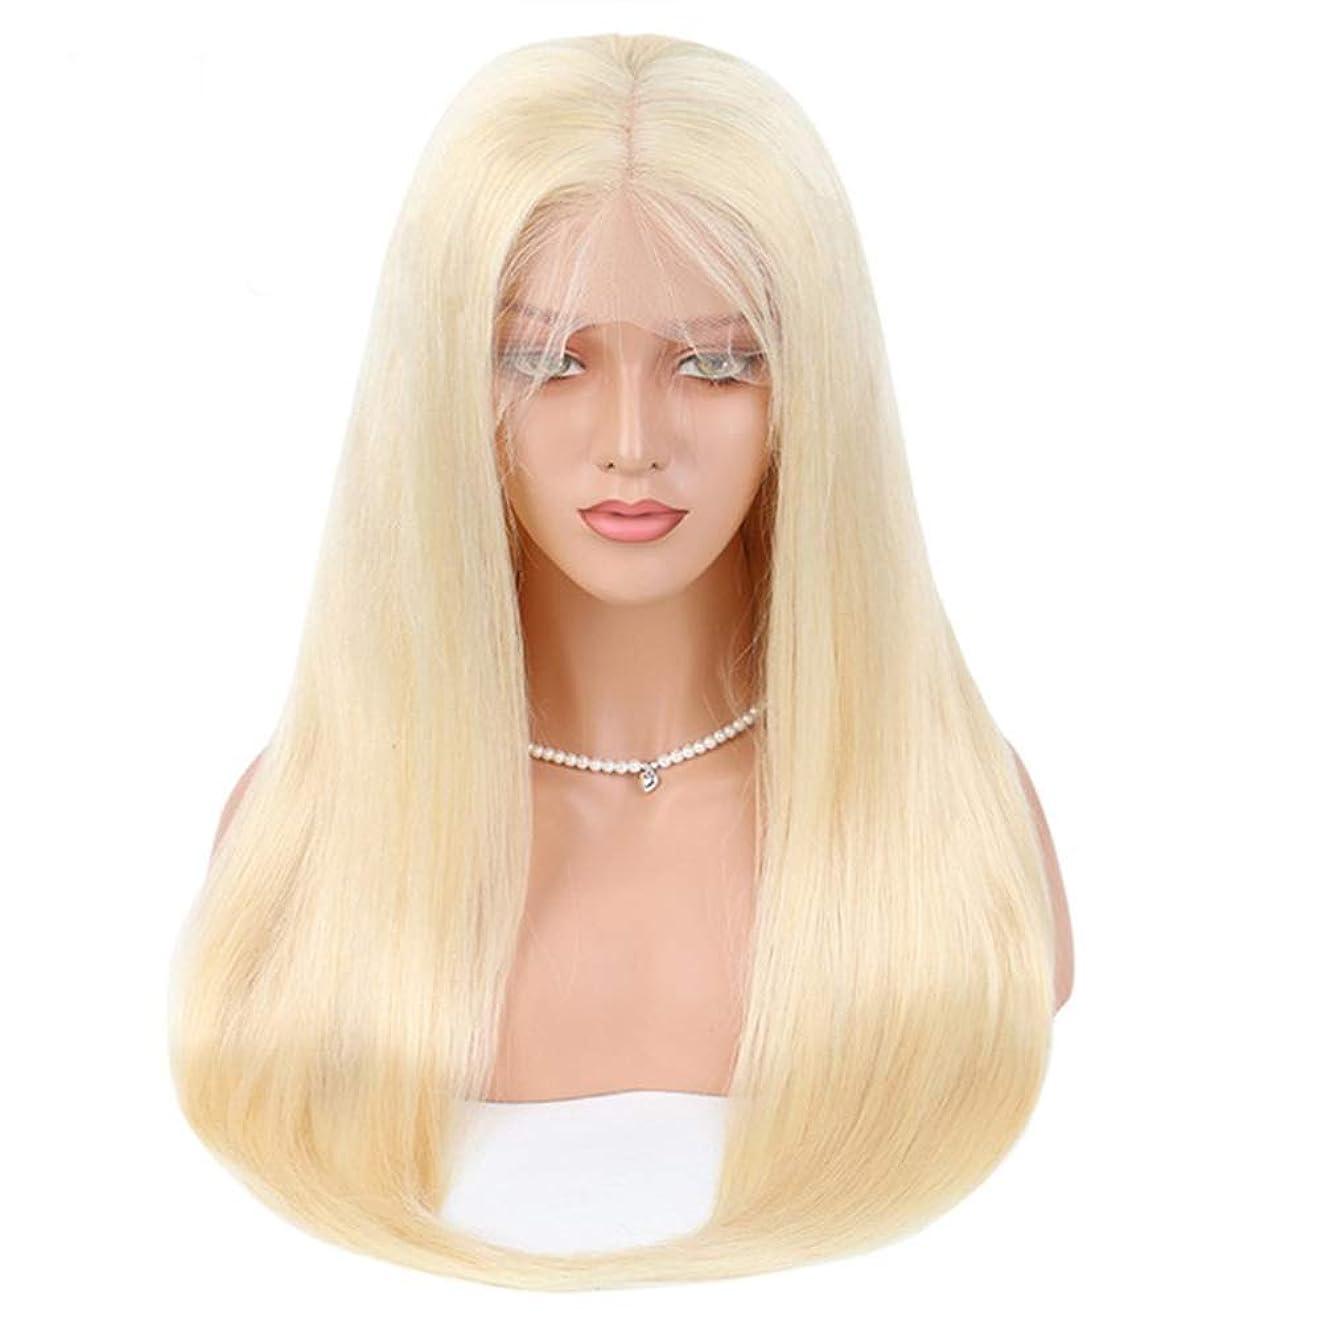 鈍いボスサスペンドBOBIDYEE フルレースリアルナチュラル女性用フロントかつらロングストレート耐熱毛プレ摘み取ら本物の毛髪かつらかつらロールプレイングかつら (サイズ : 20